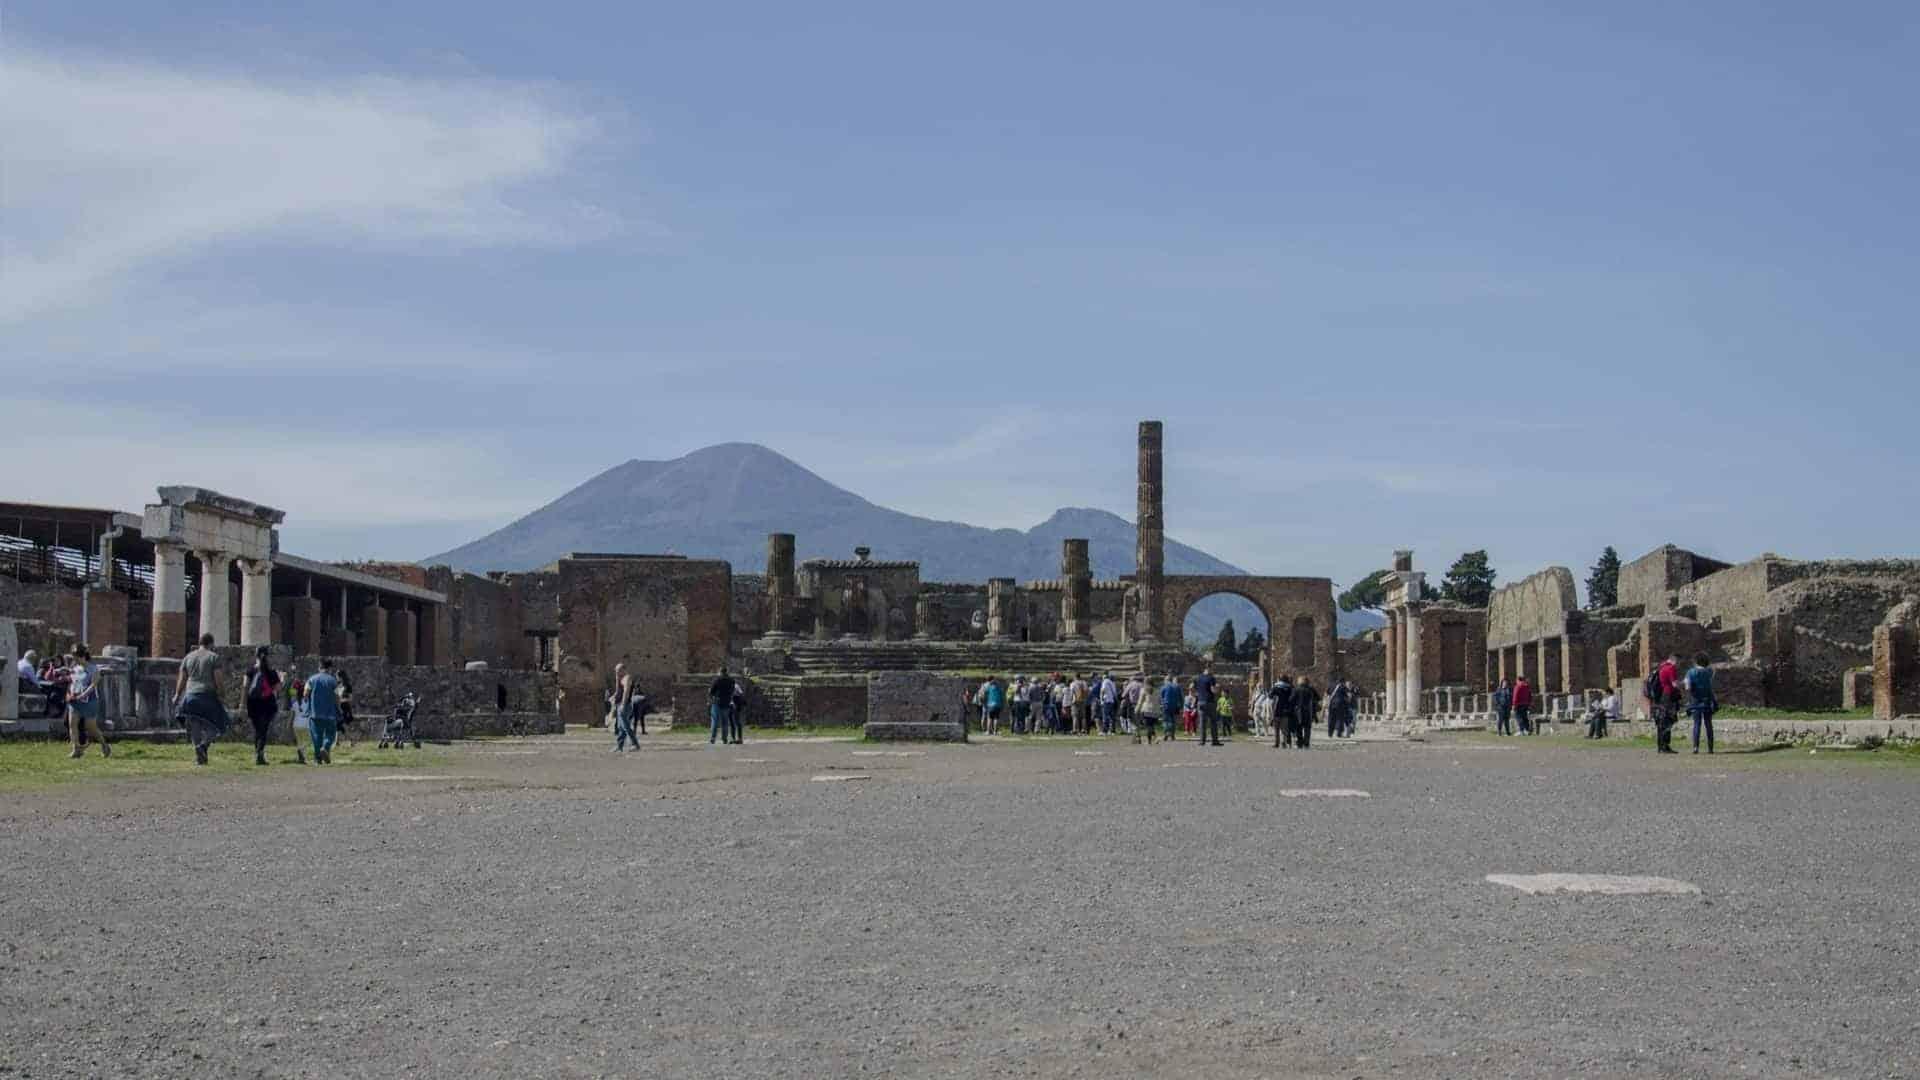 forumpompei-ruins-1233933